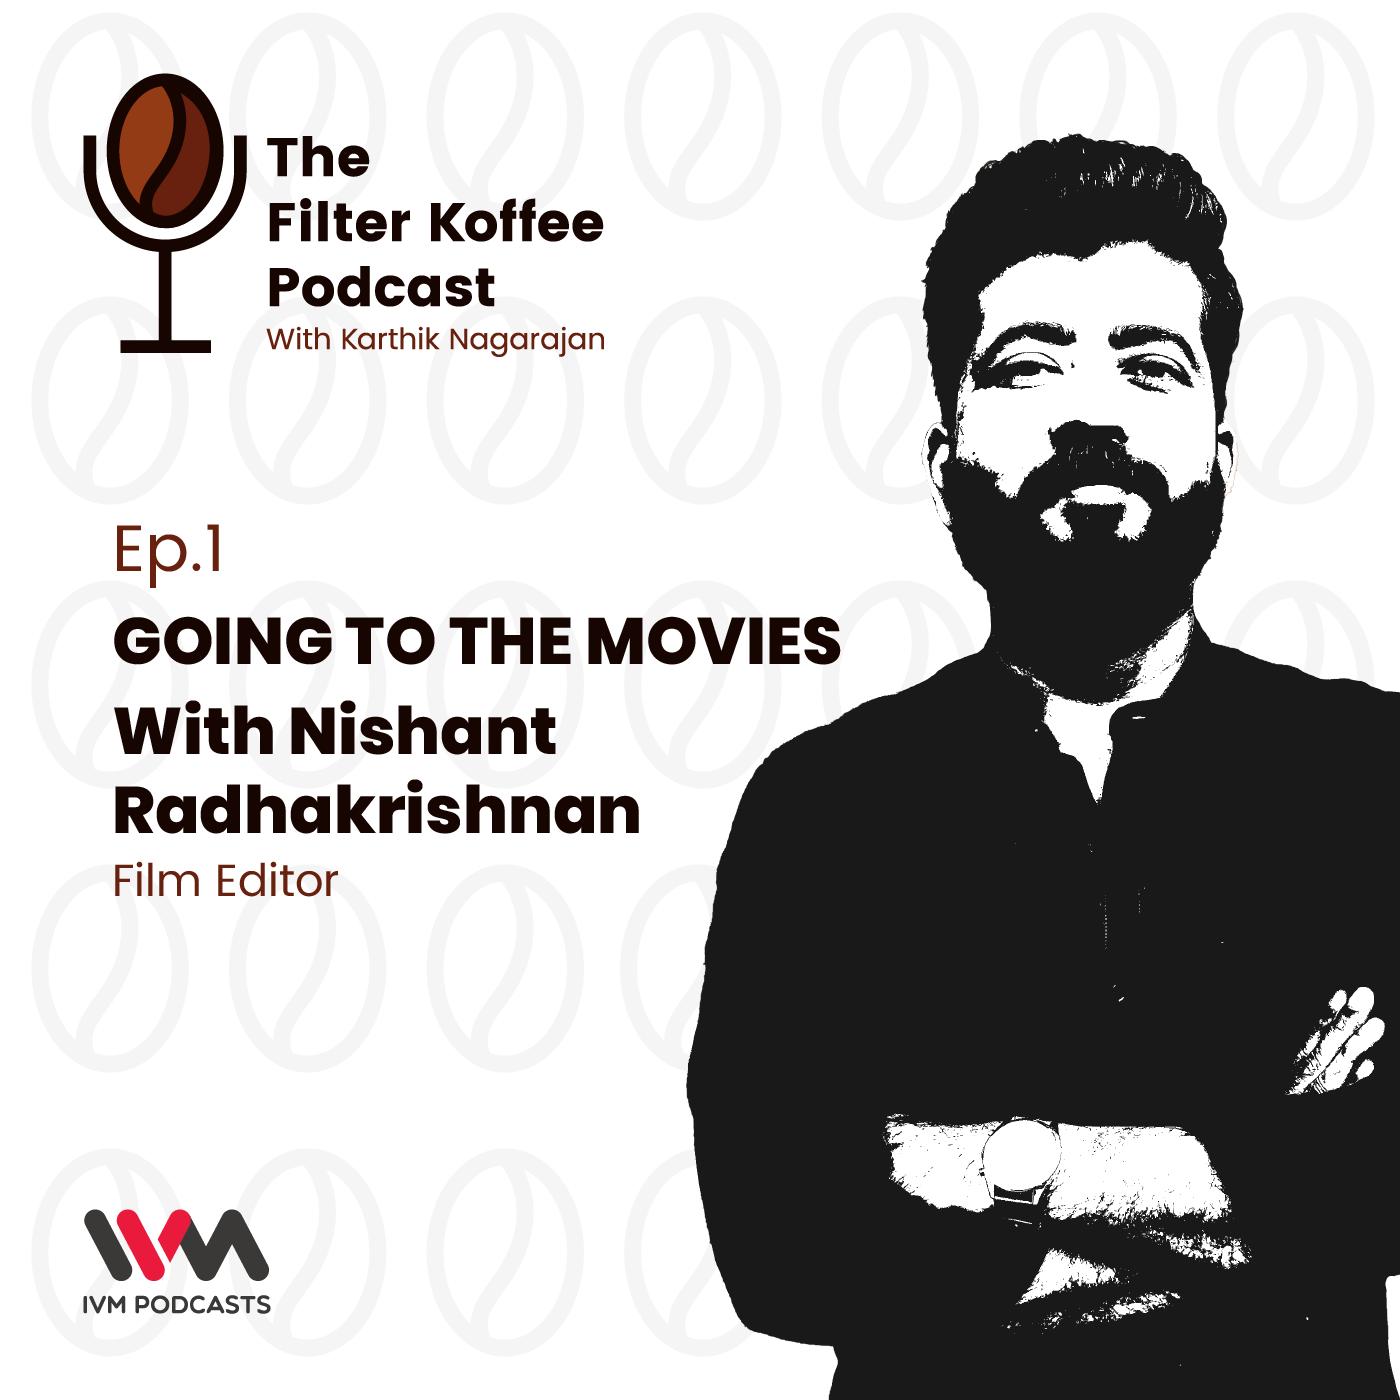 Ep. 01: Nishant Radhakrishnan - Film Editor